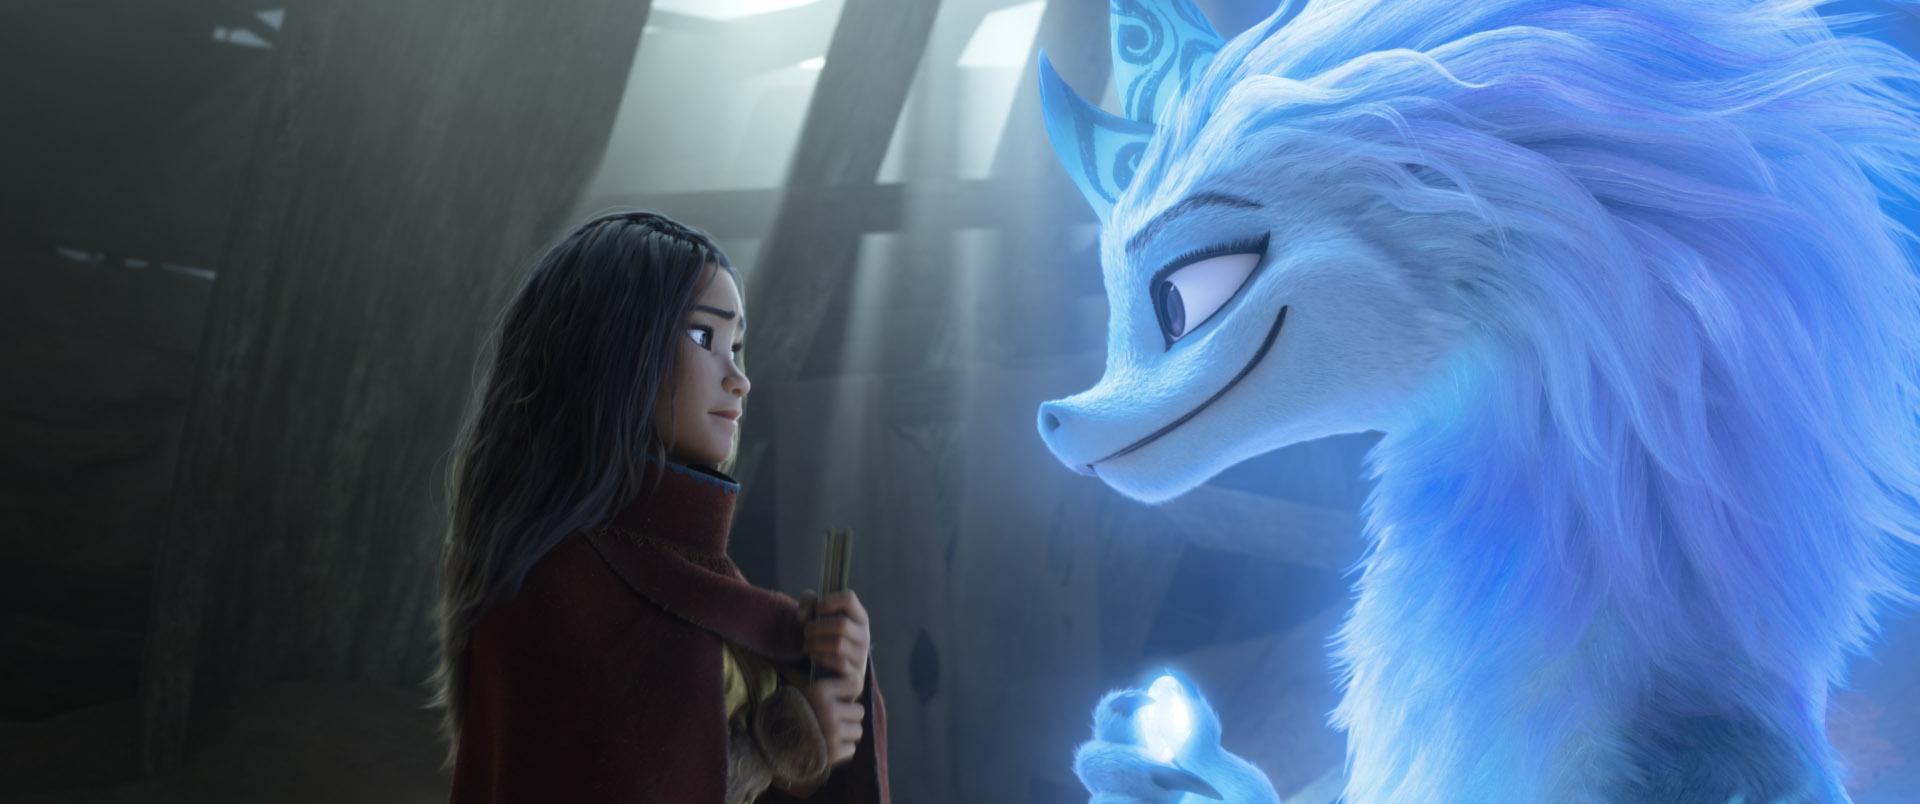 Raya och den sista draken Disney+